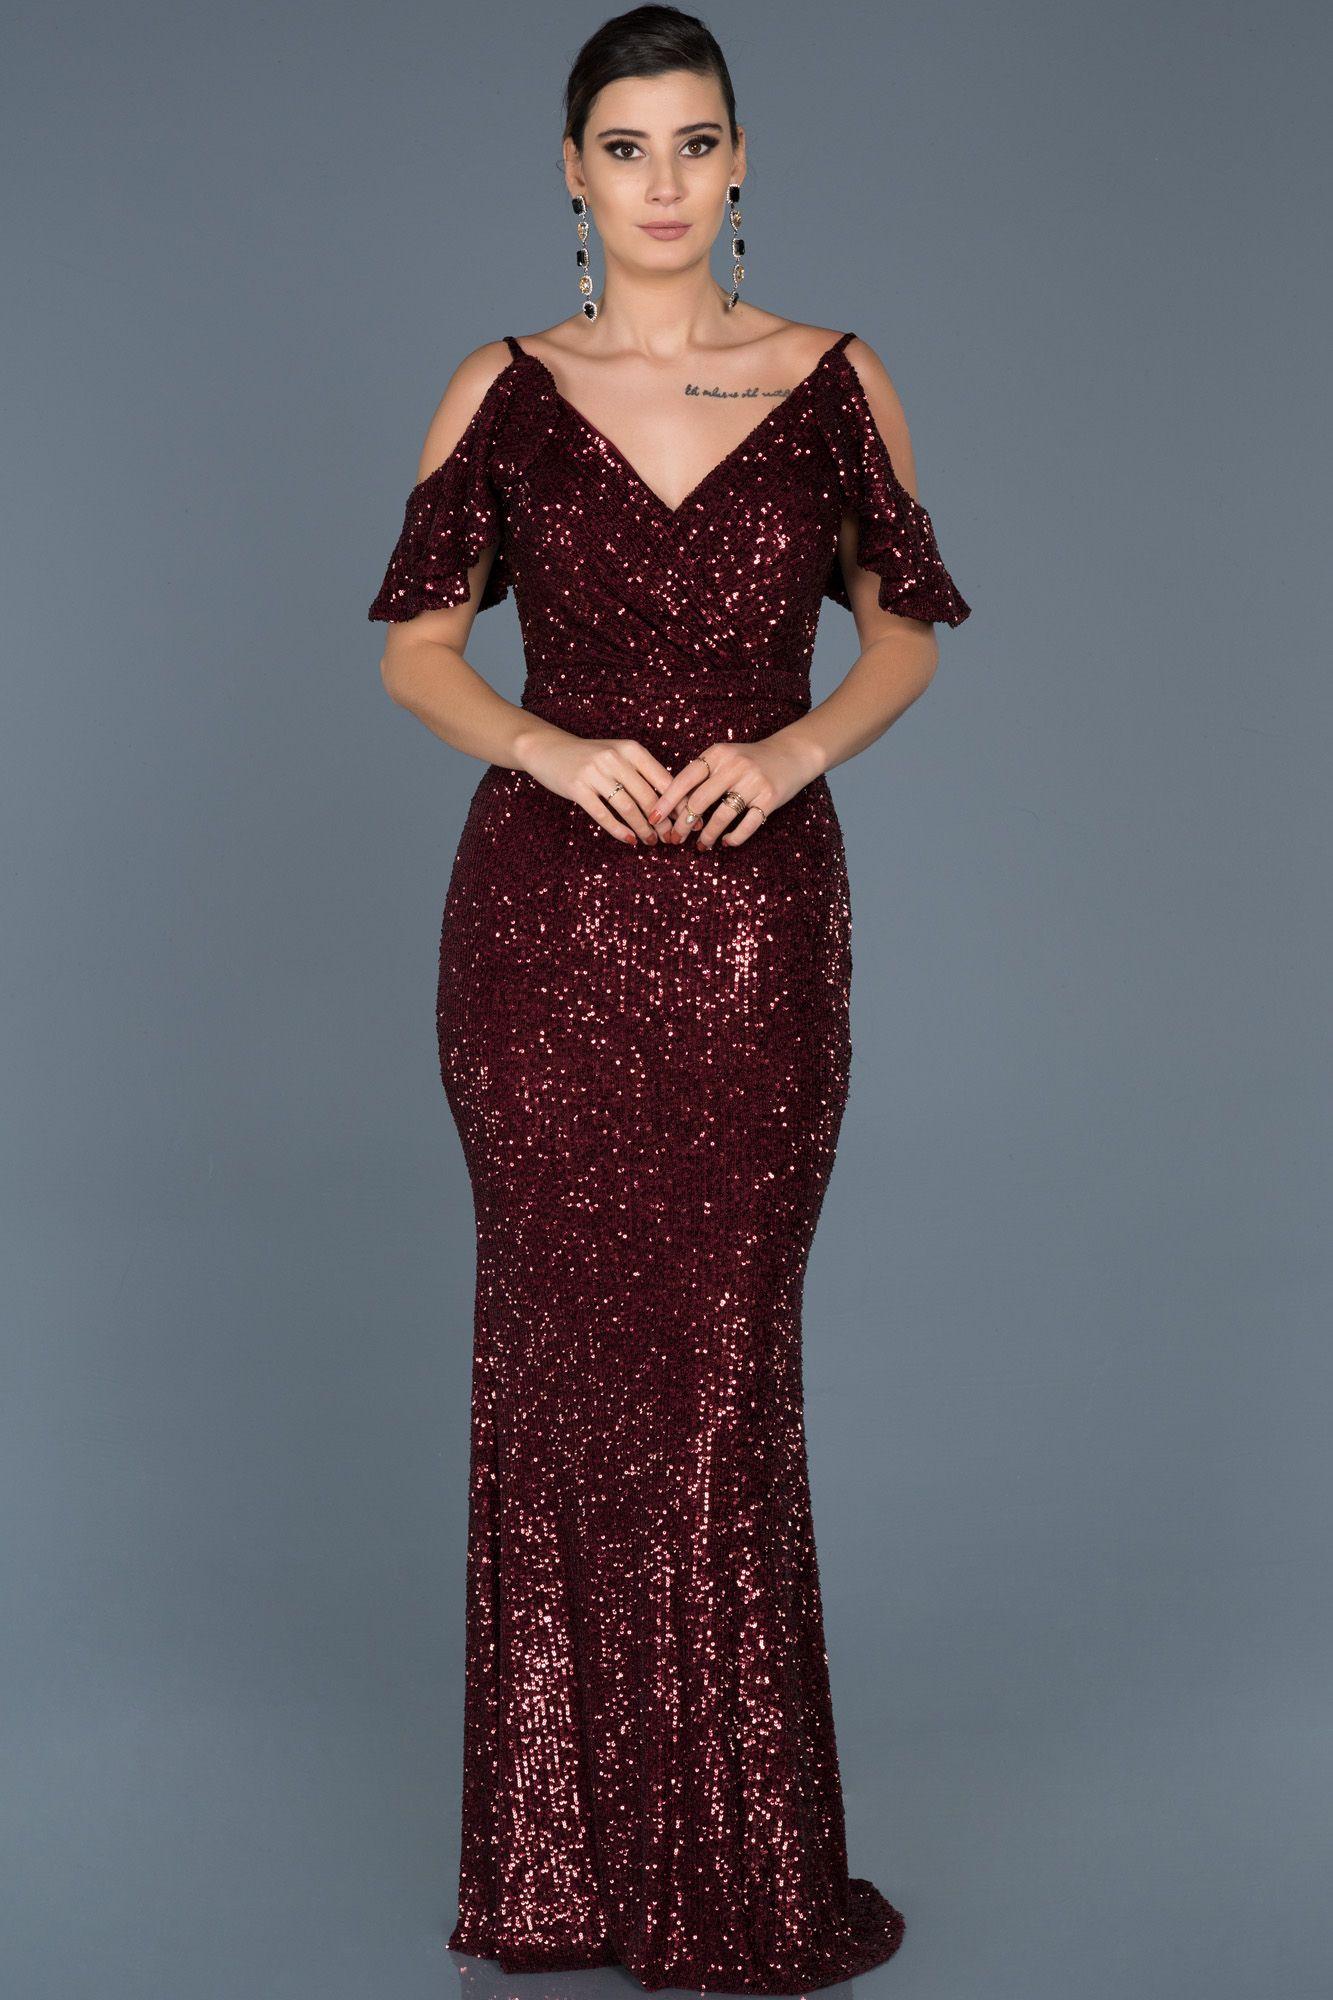 Bordo Payetli V Yaka Abiye Abu552 Aksamustu Giysileri The Dress Uzun Mezuniyet Balosu Elbiseleri